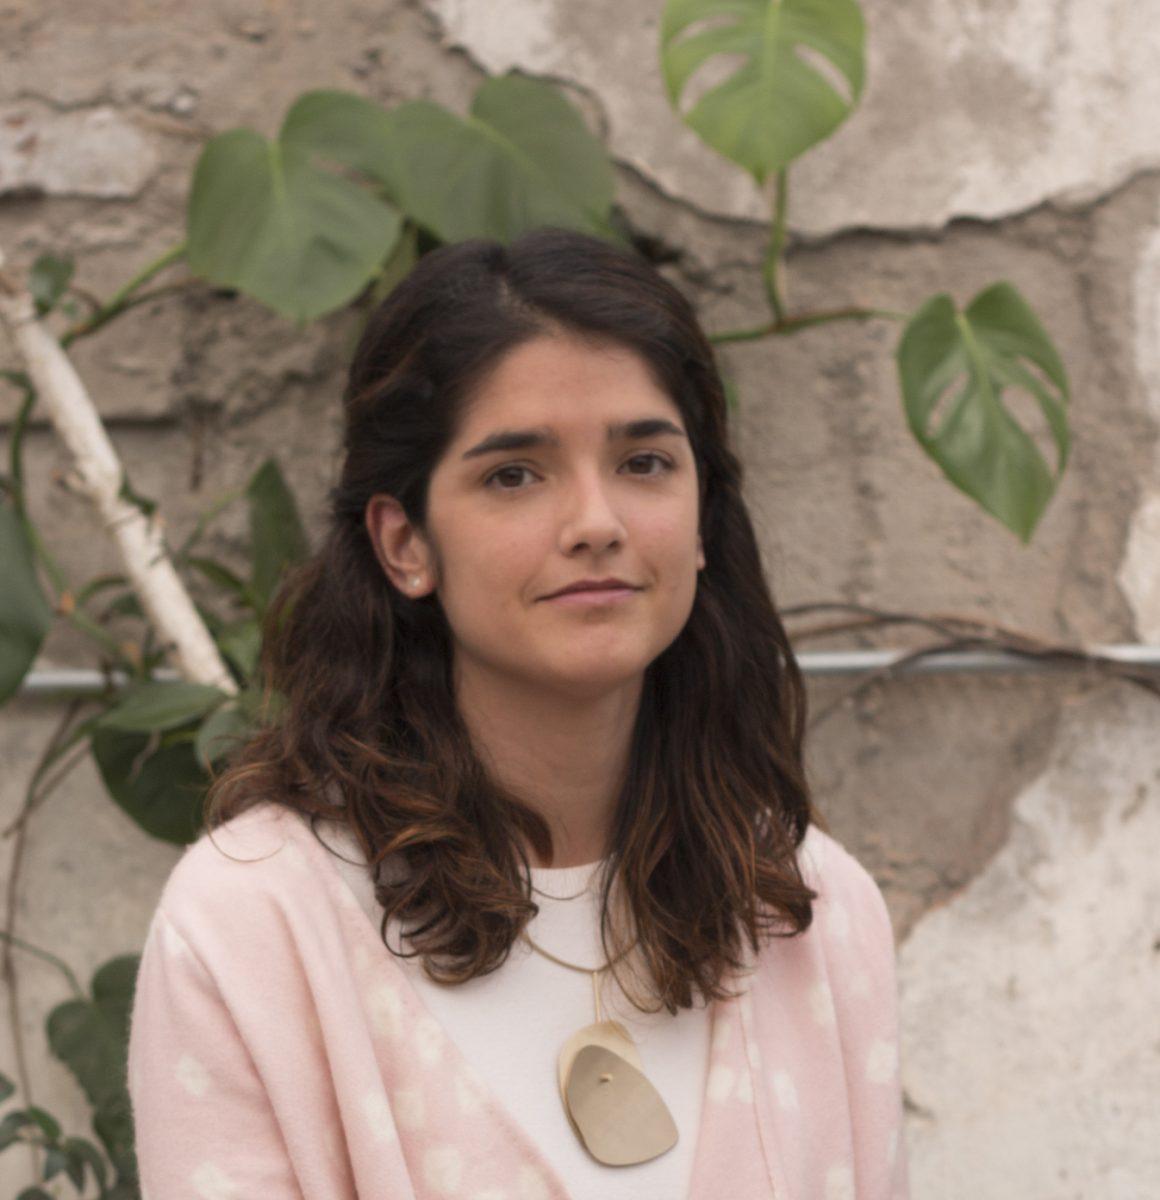 Josefina Bascopé